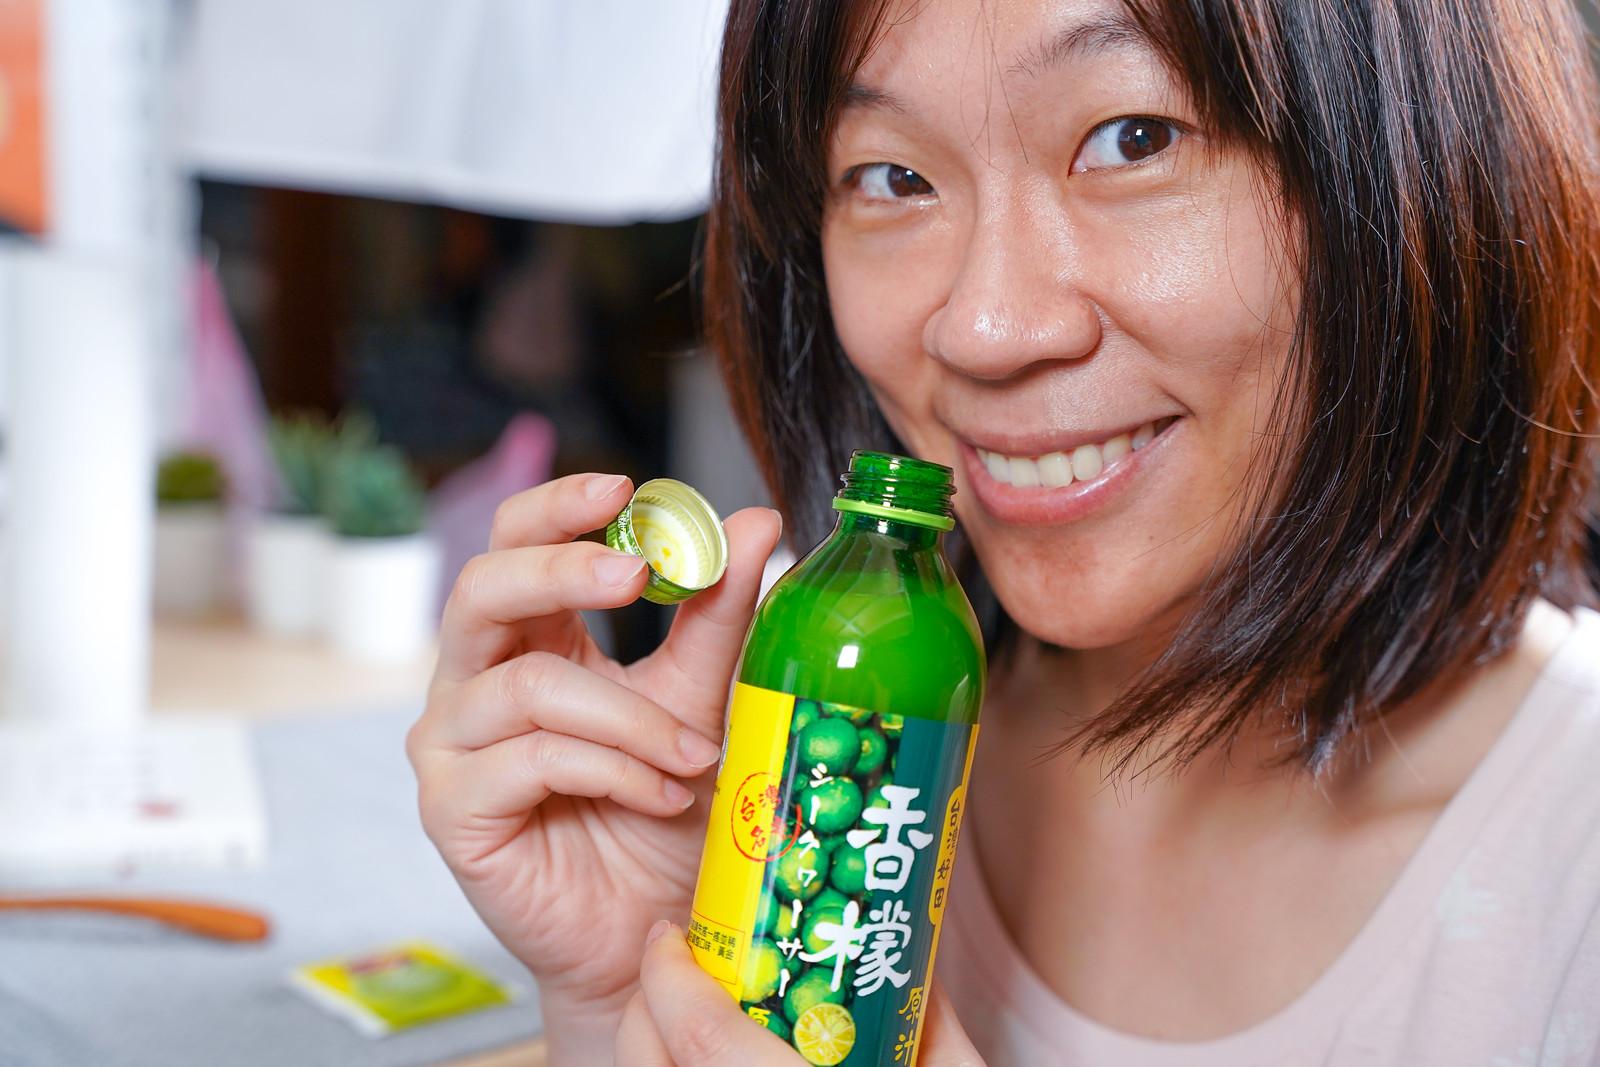 台灣好田-香檬原汁 試味道